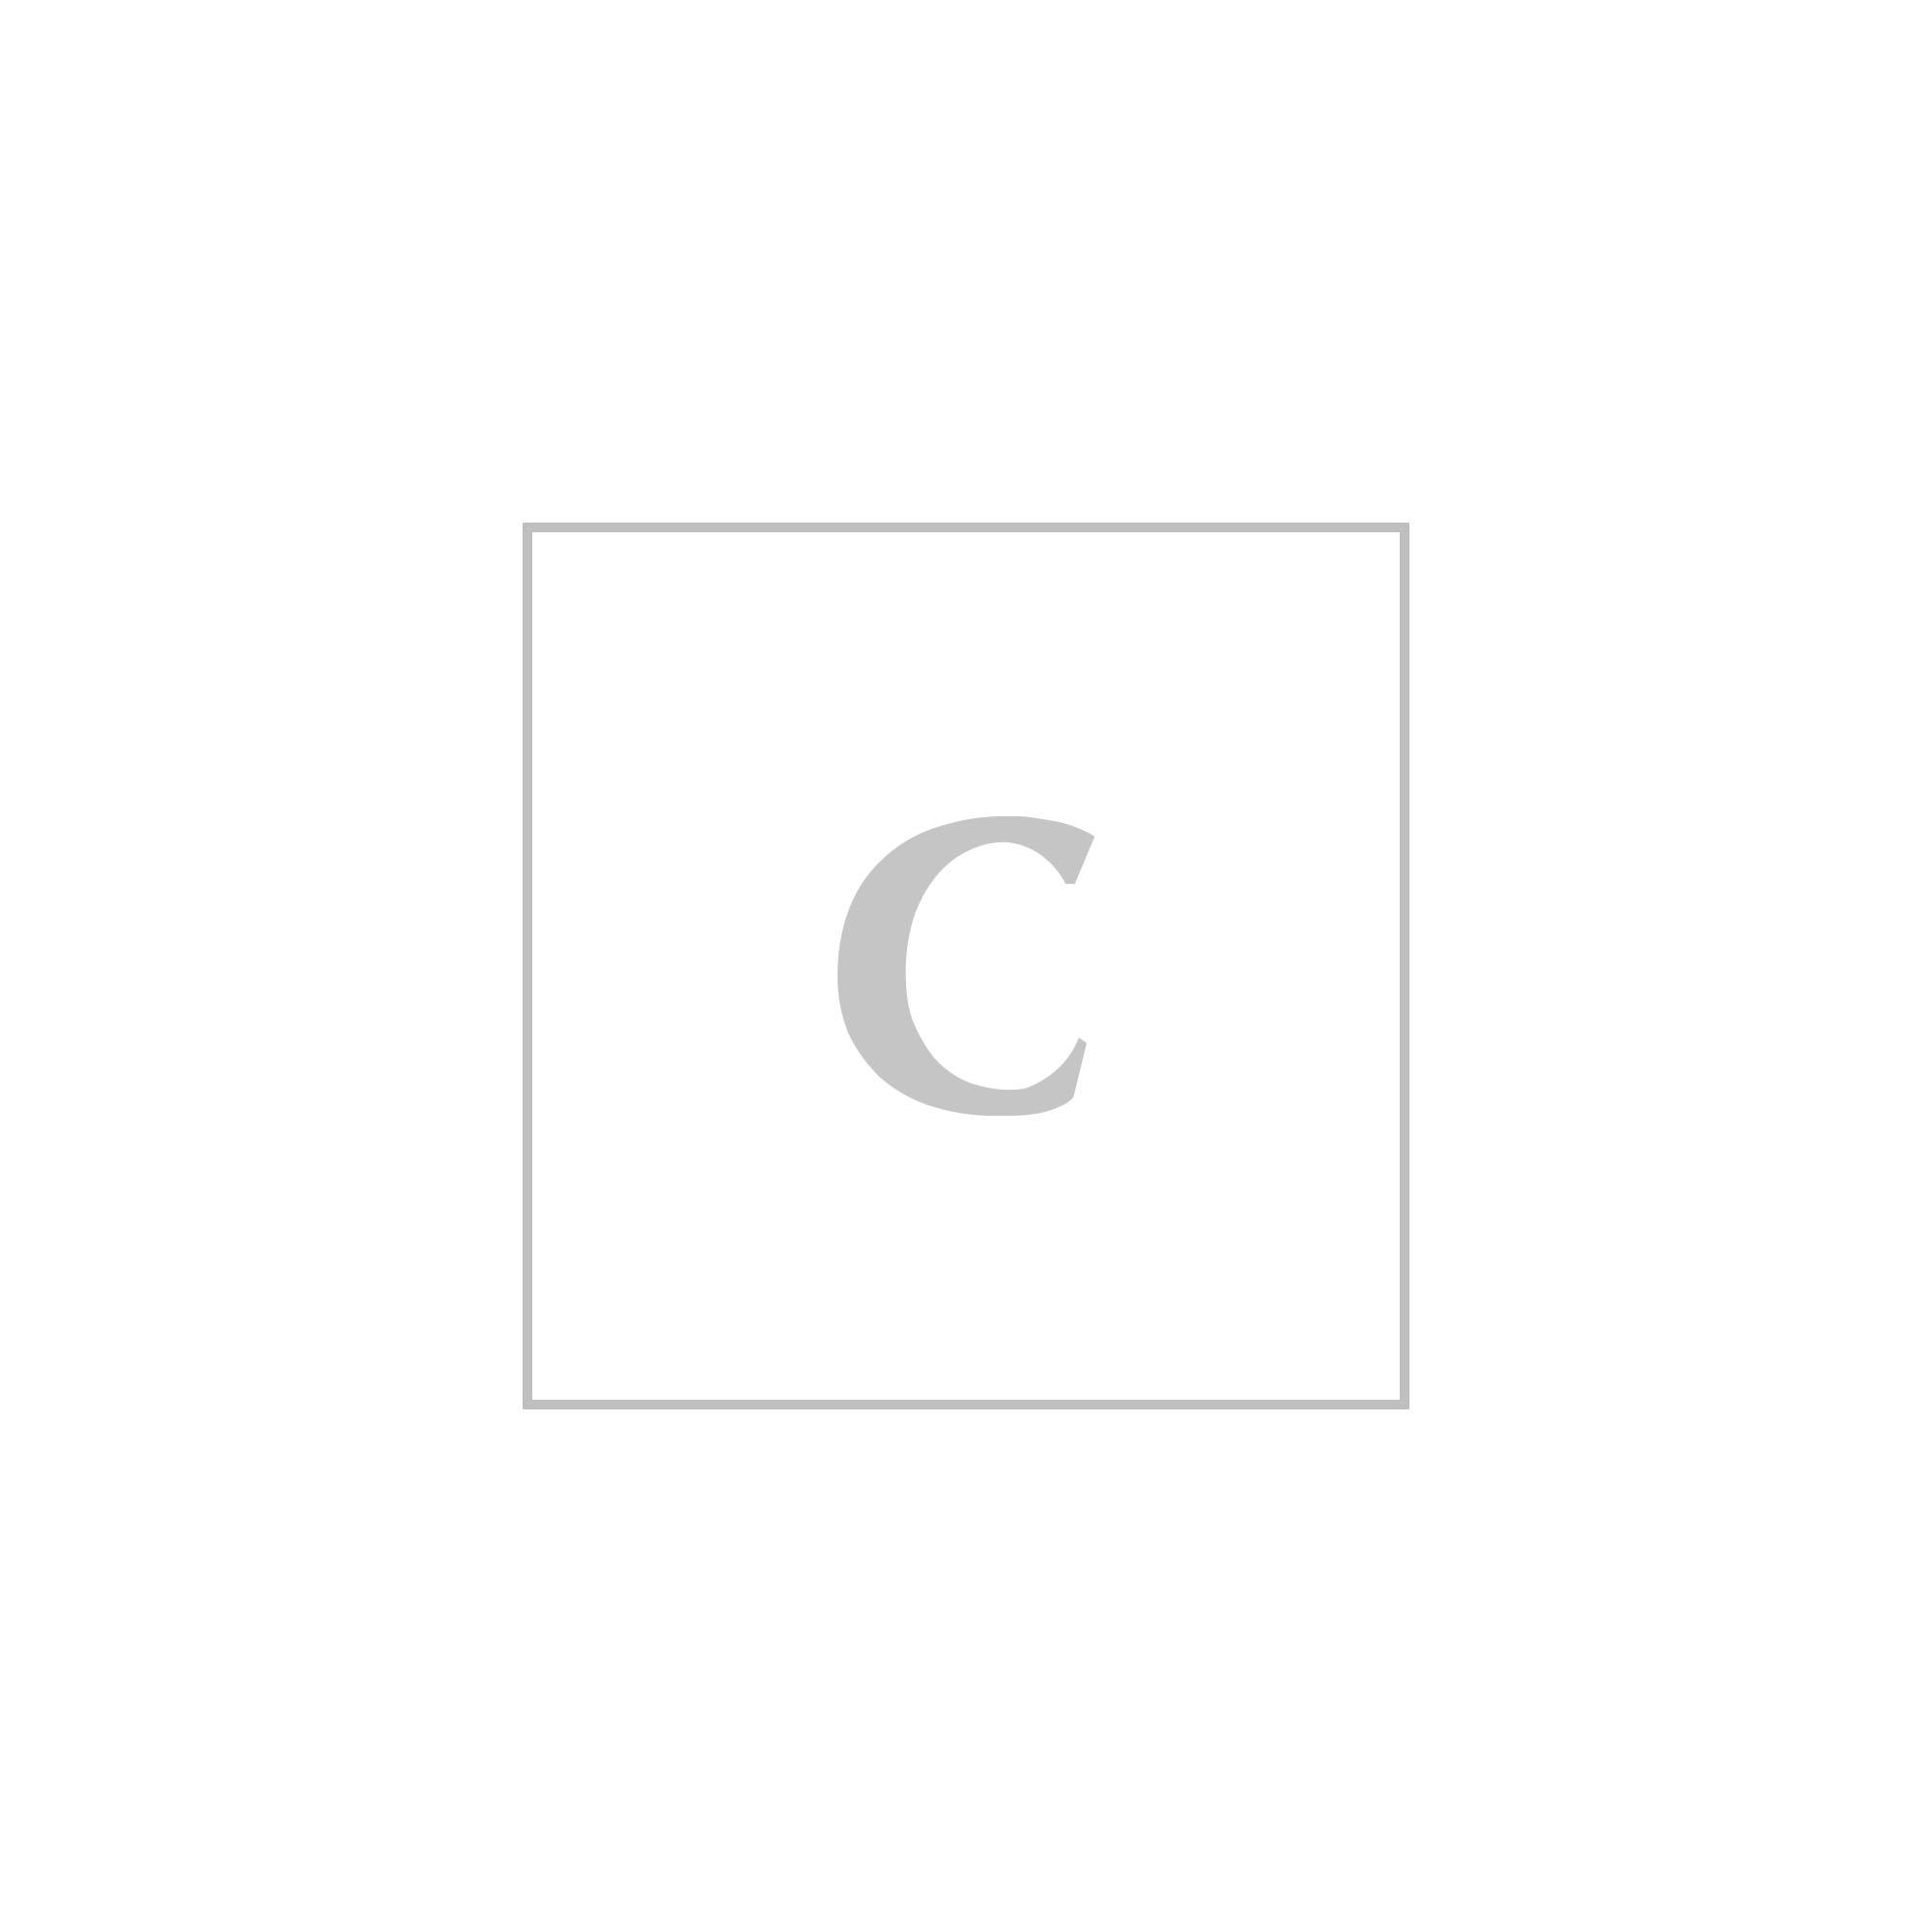 Stella mccartney crossbody falabella bag